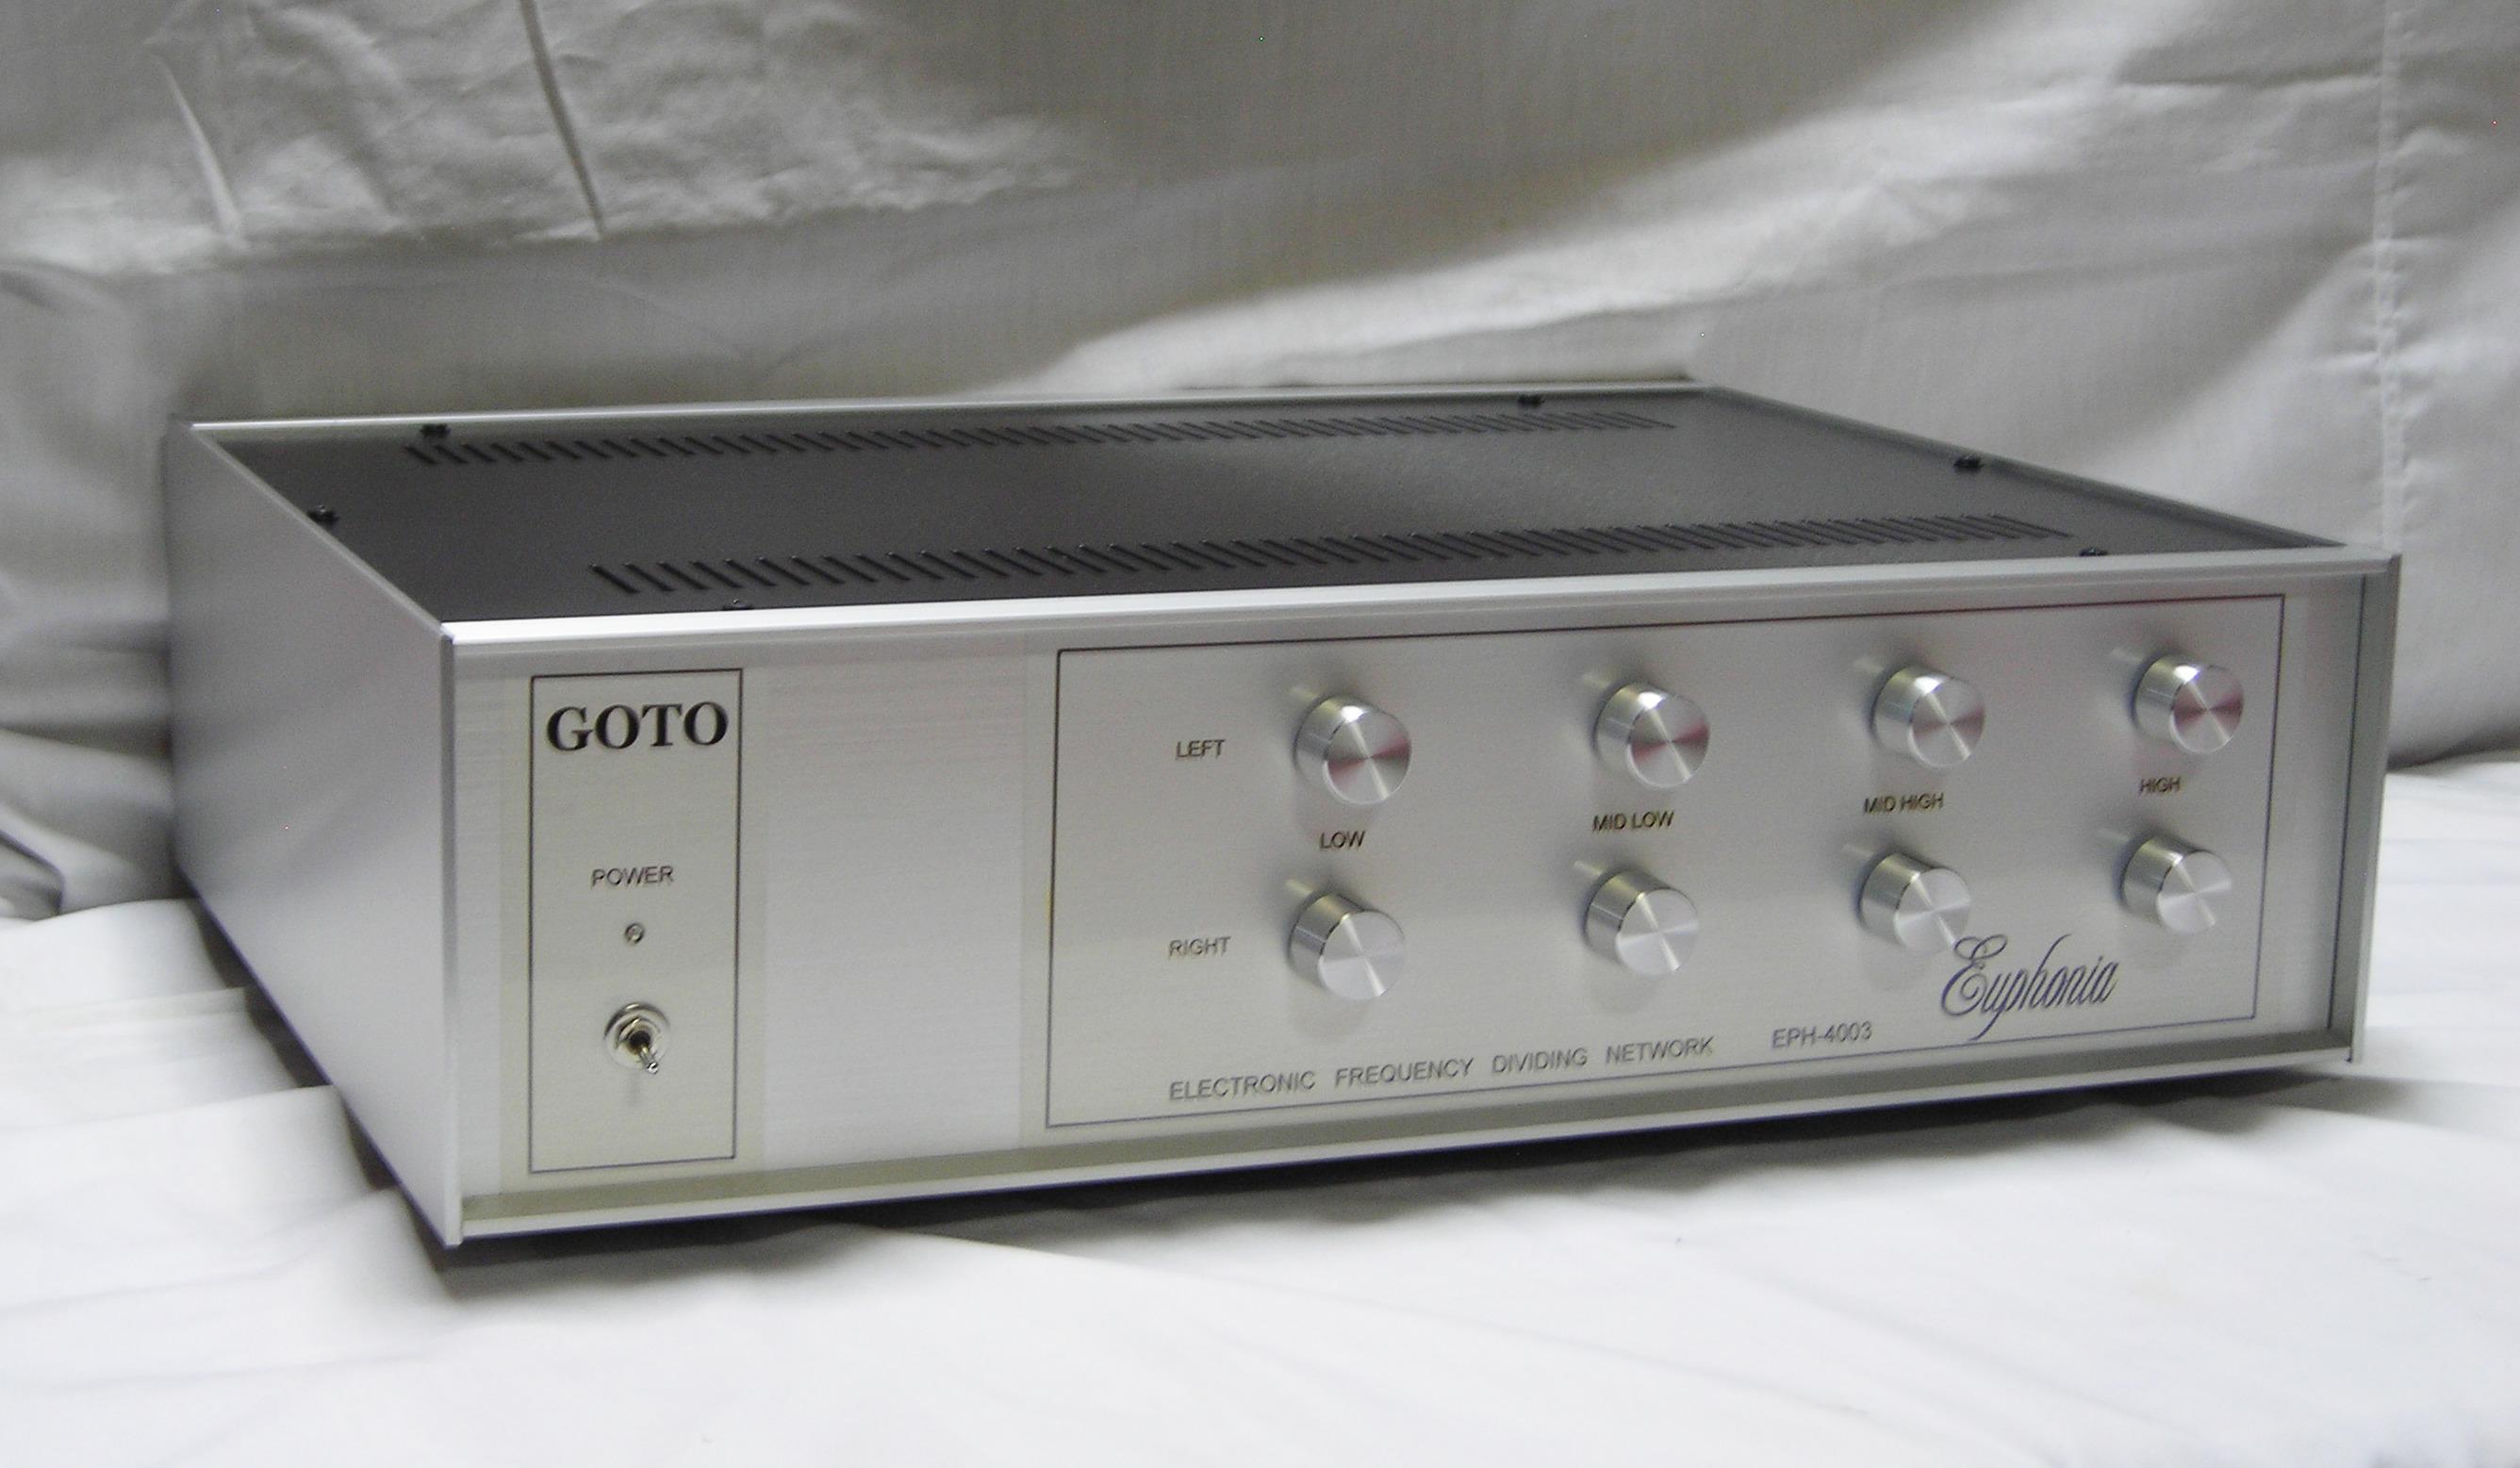 40032.jpg